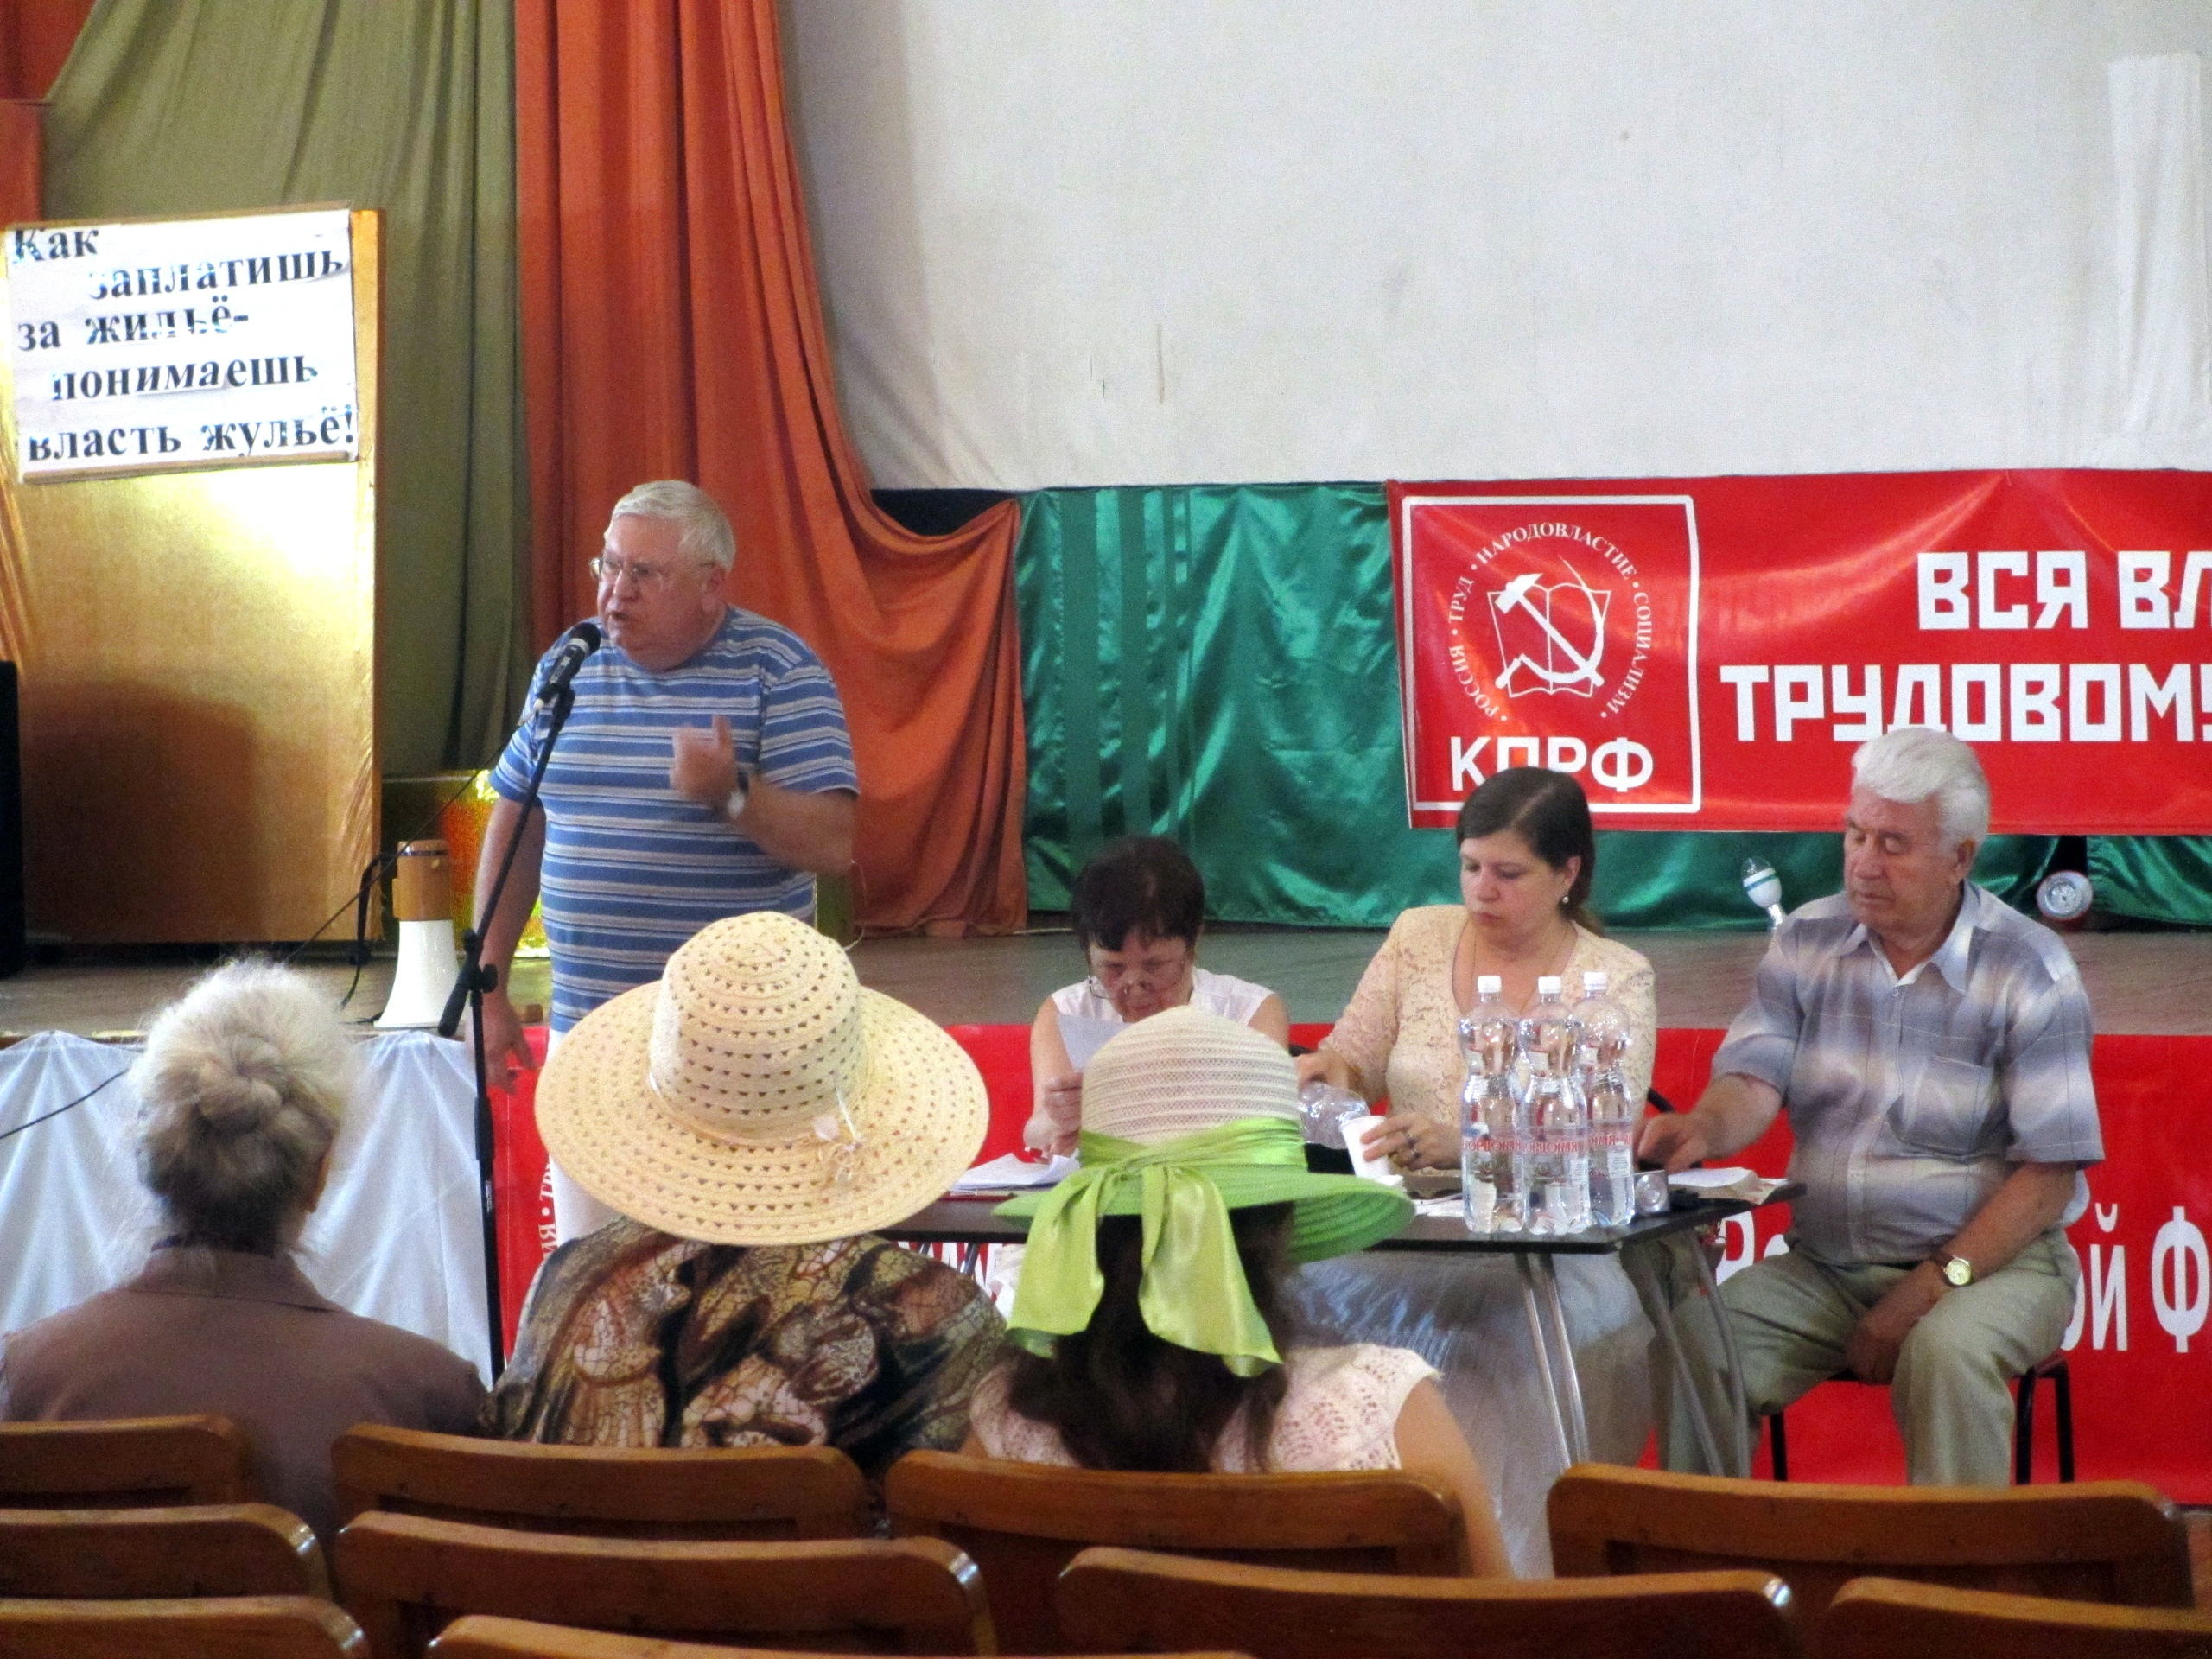 Сызрань против повышения пенсионного возраста КПРФ 1 июля 2018